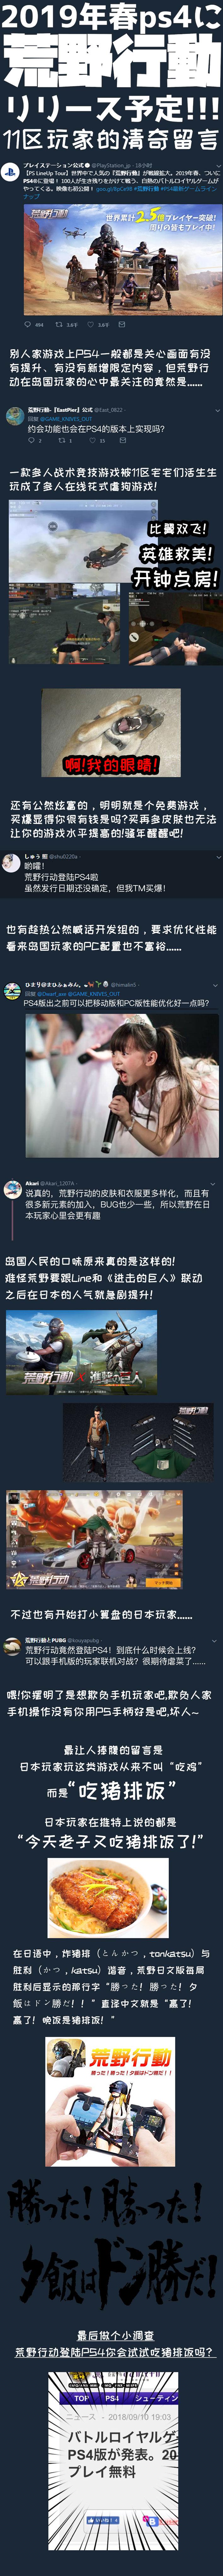 《荒野行动》登陆PS4消息发布后,来看看日本玩家的清奇留言